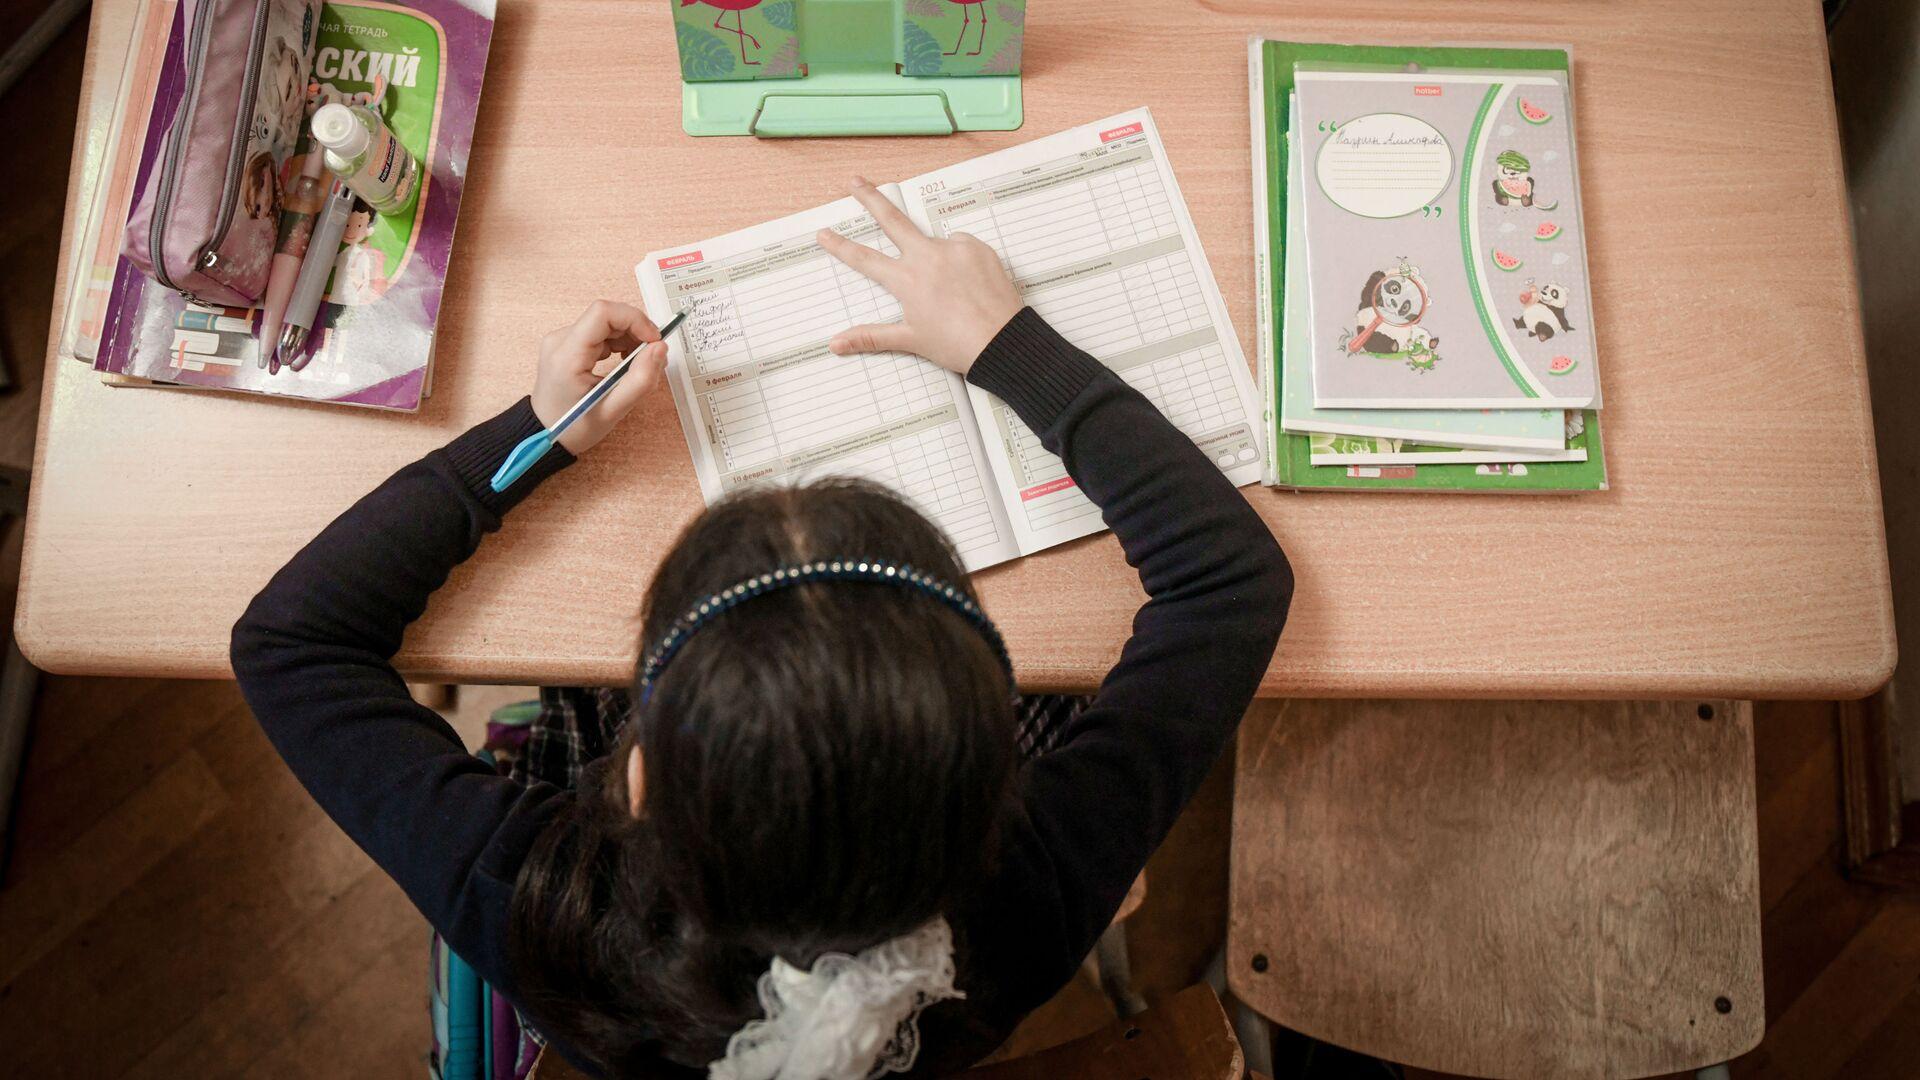 Возобновление очных занятий в бакинских школах, 1 февраля 2021 года - Sputnik Азербайджан, 1920, 16.09.2021